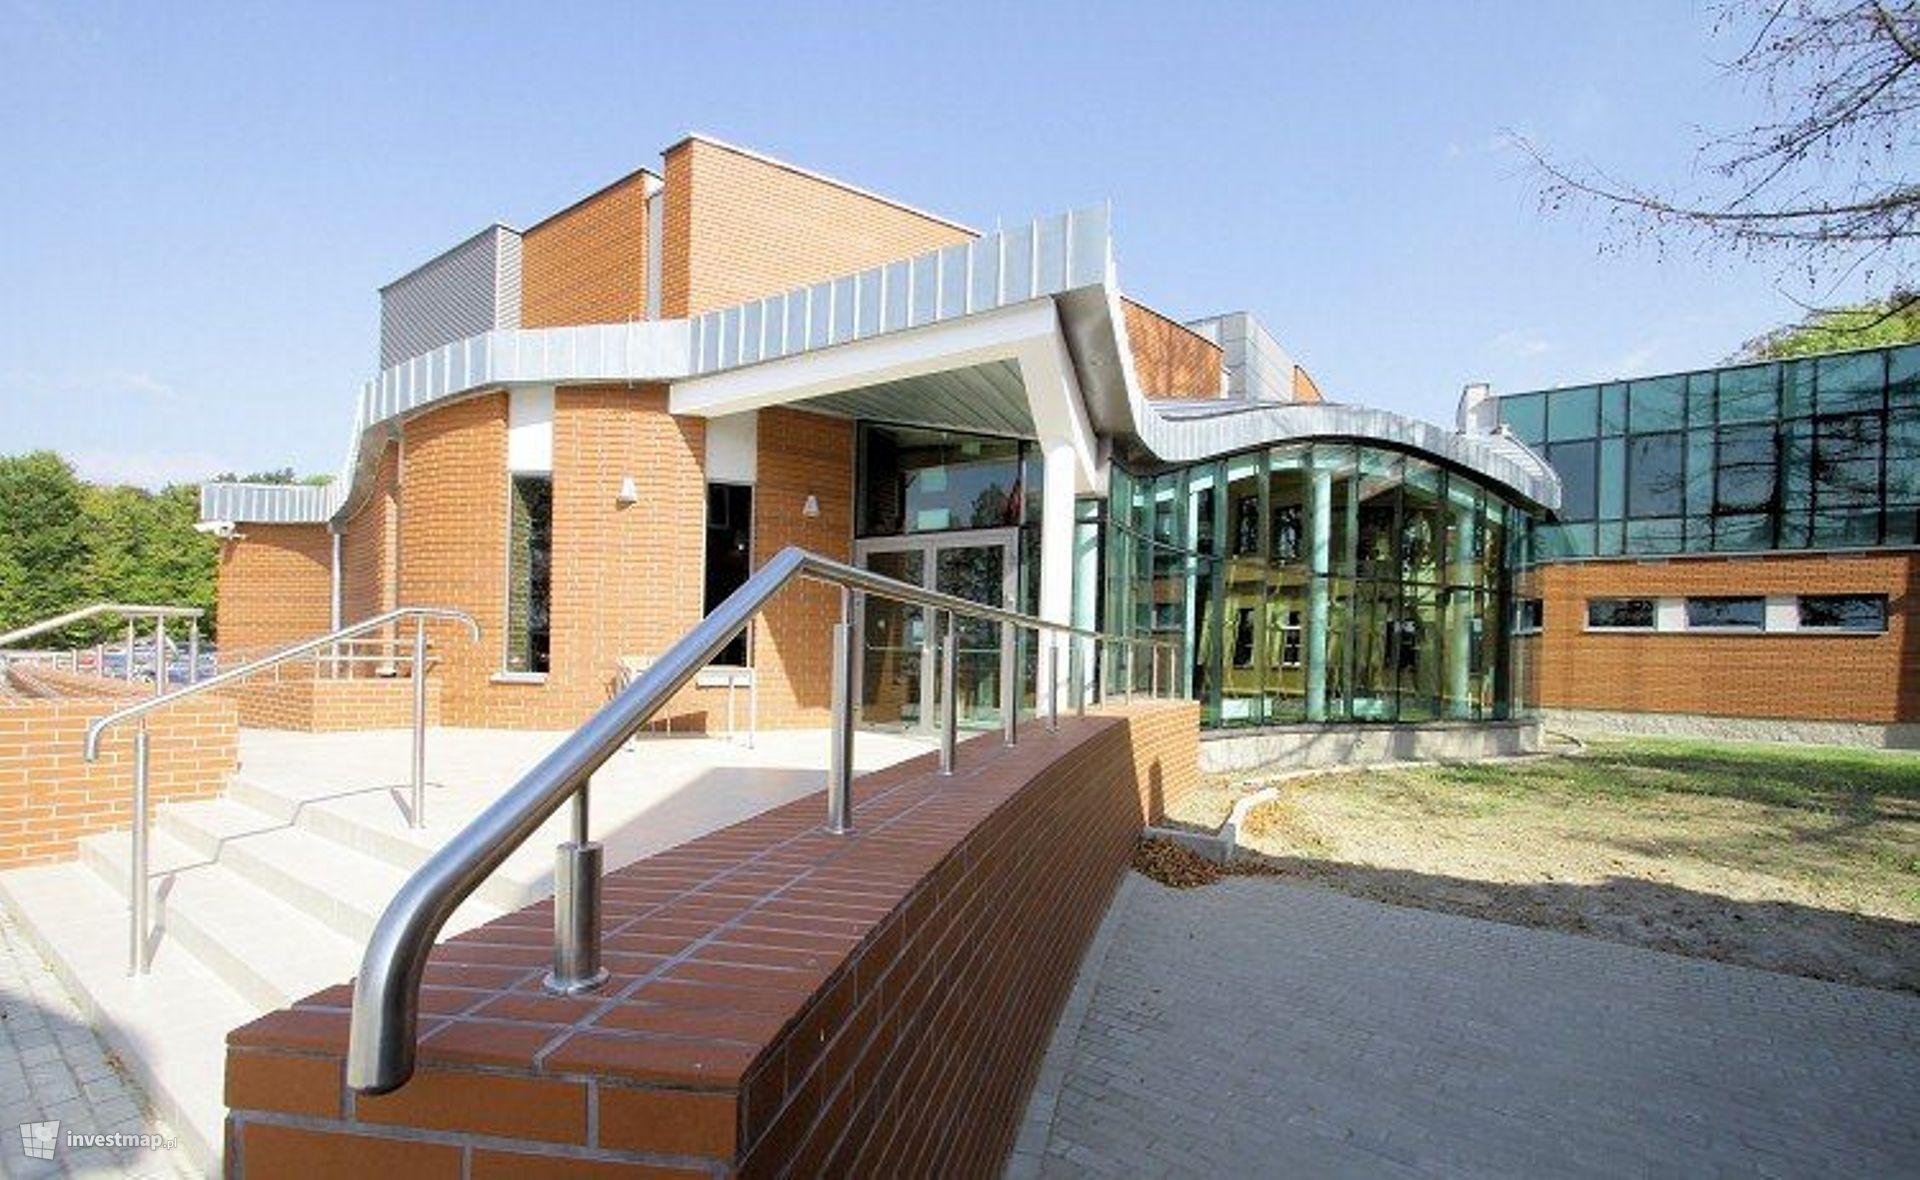 Kampus Techniczny Państwowej Wyższej Szkoły Zawodowej